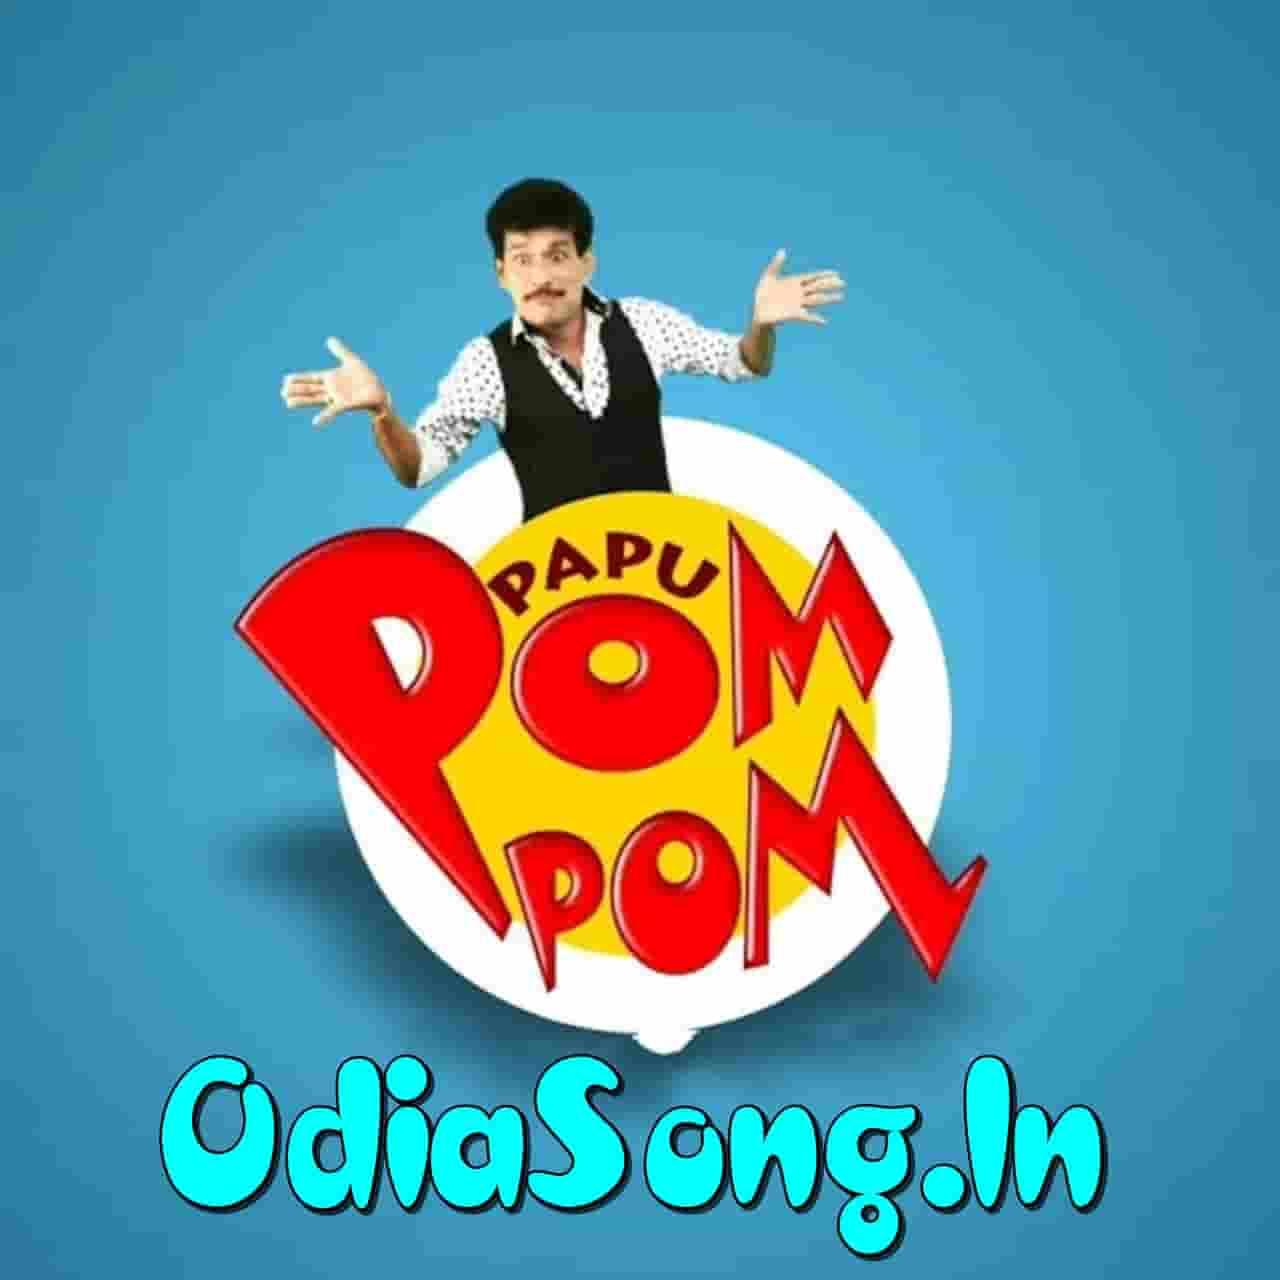 Aau Donu Tike - Papu Pom Pom New Odia Song